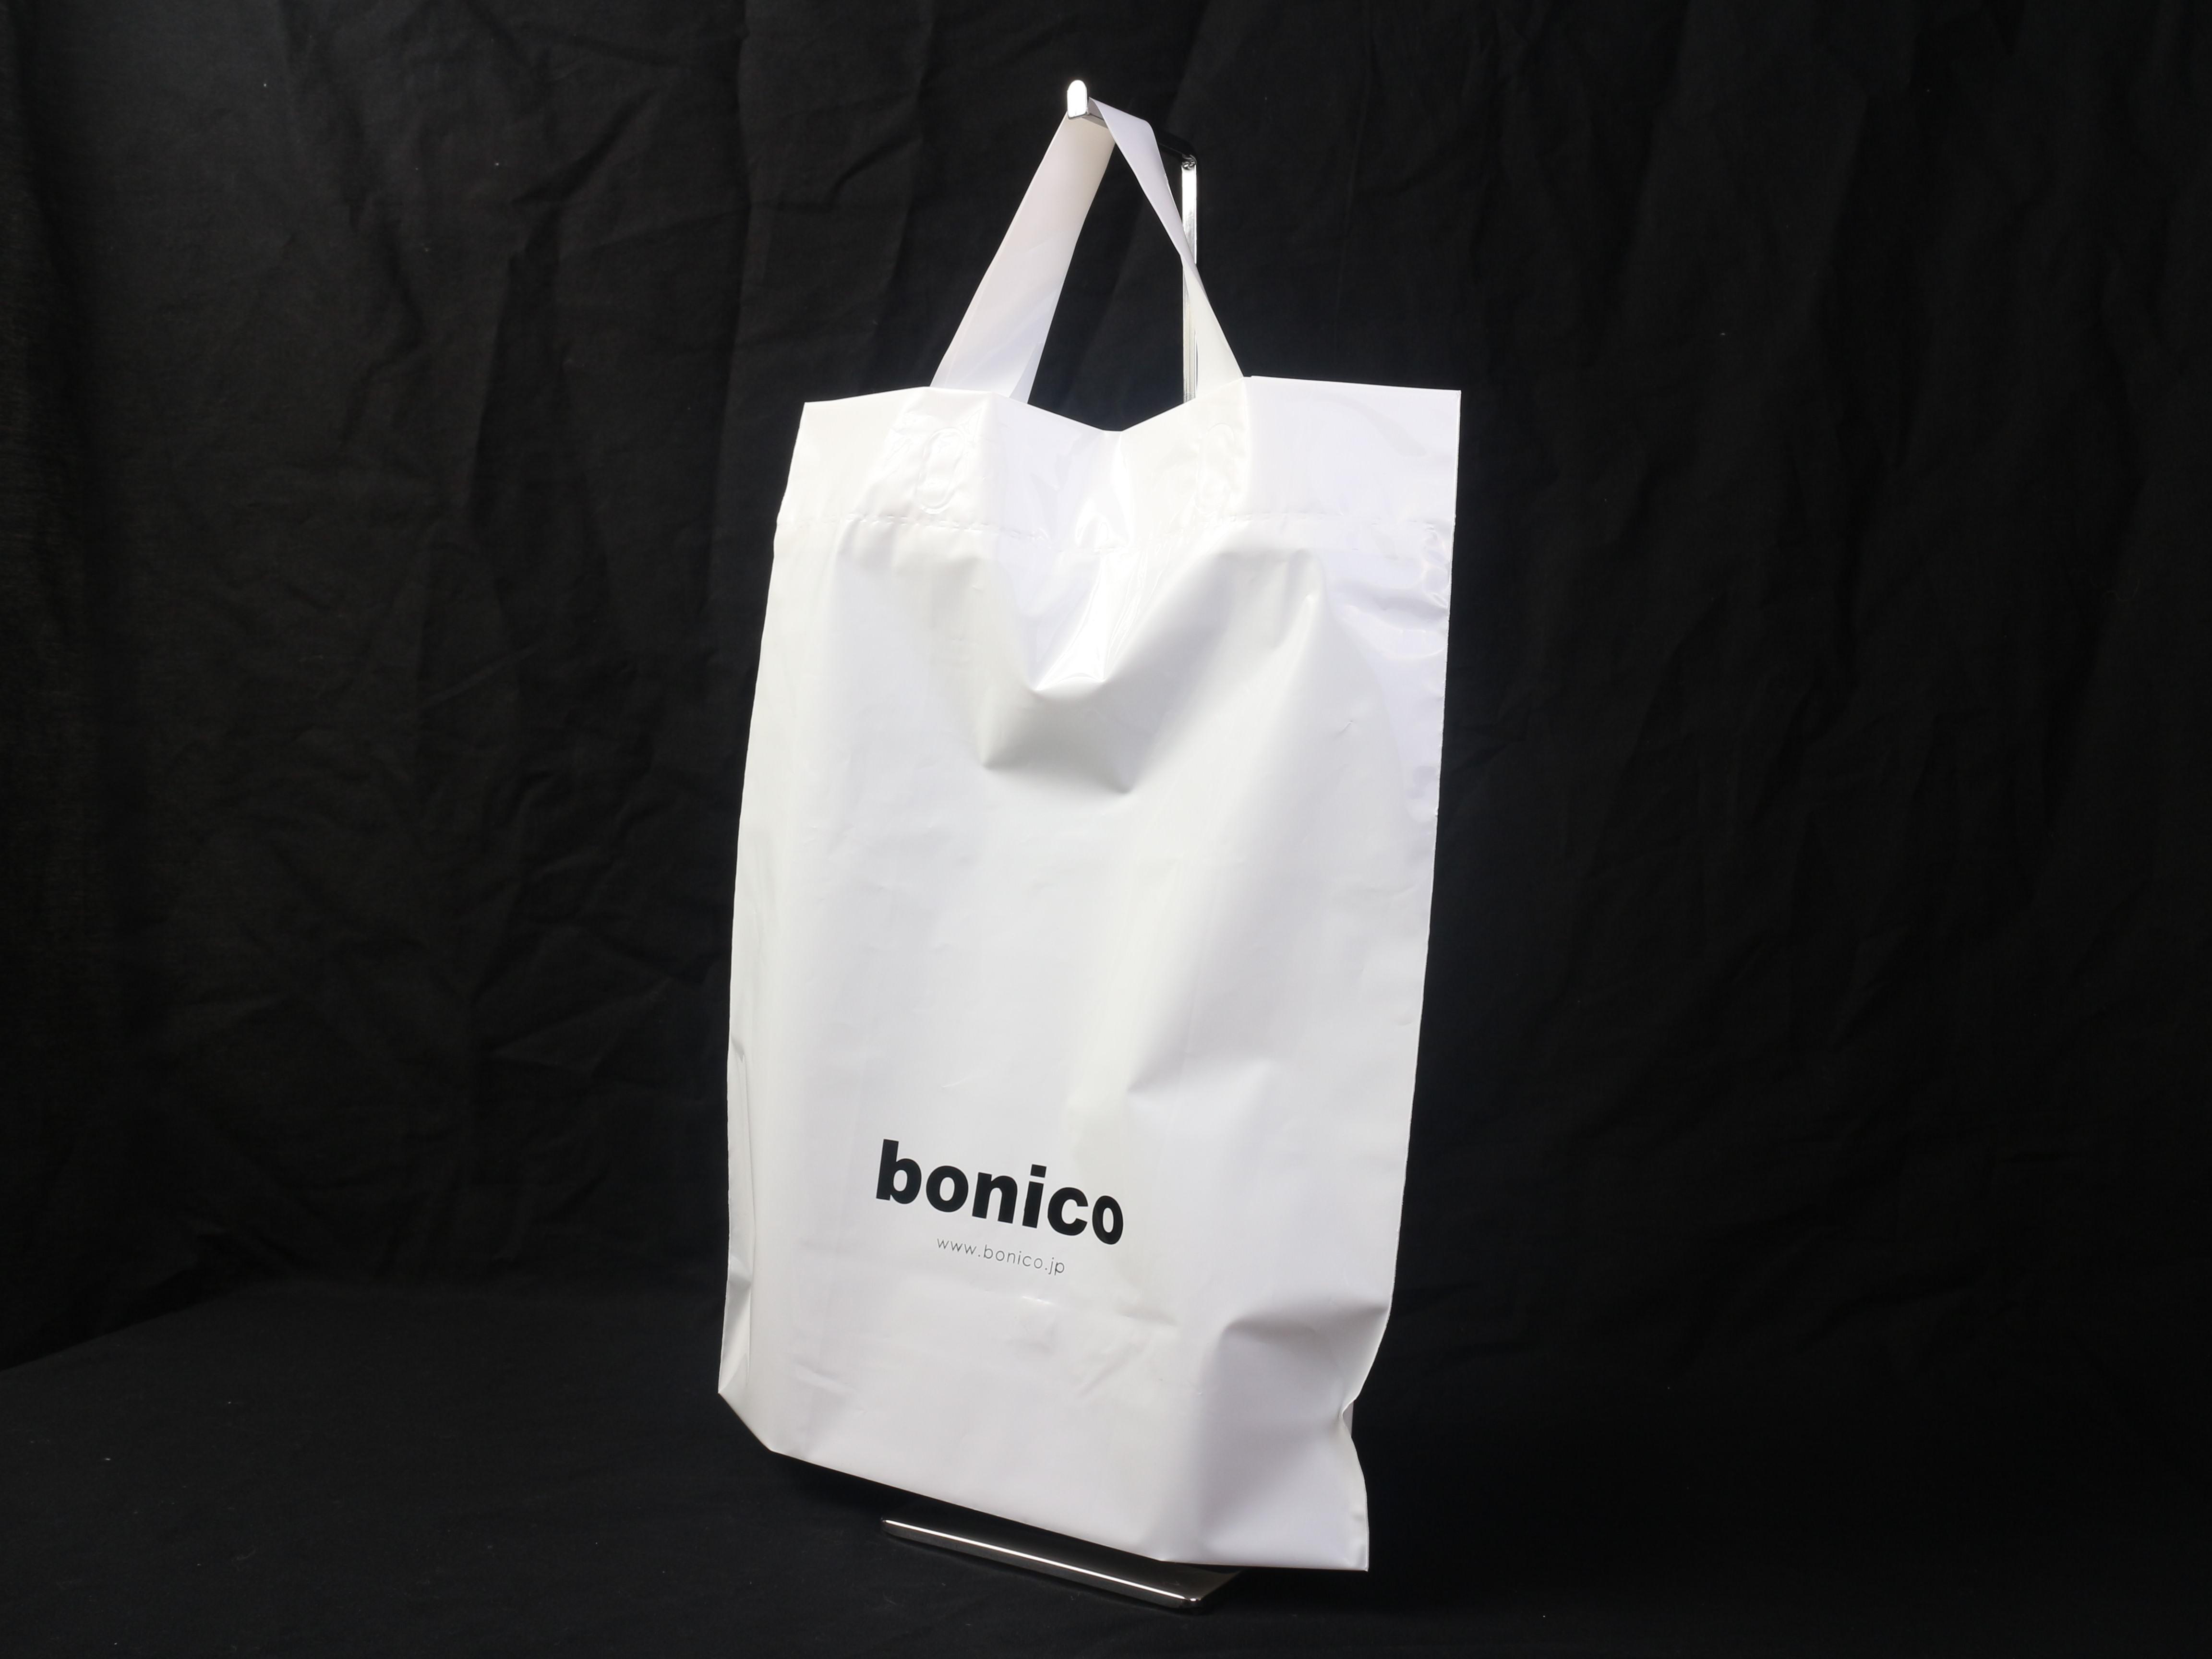 シューズやバッグなど旬なファッションアイテムを取り扱われている店舗様のショップバッグ